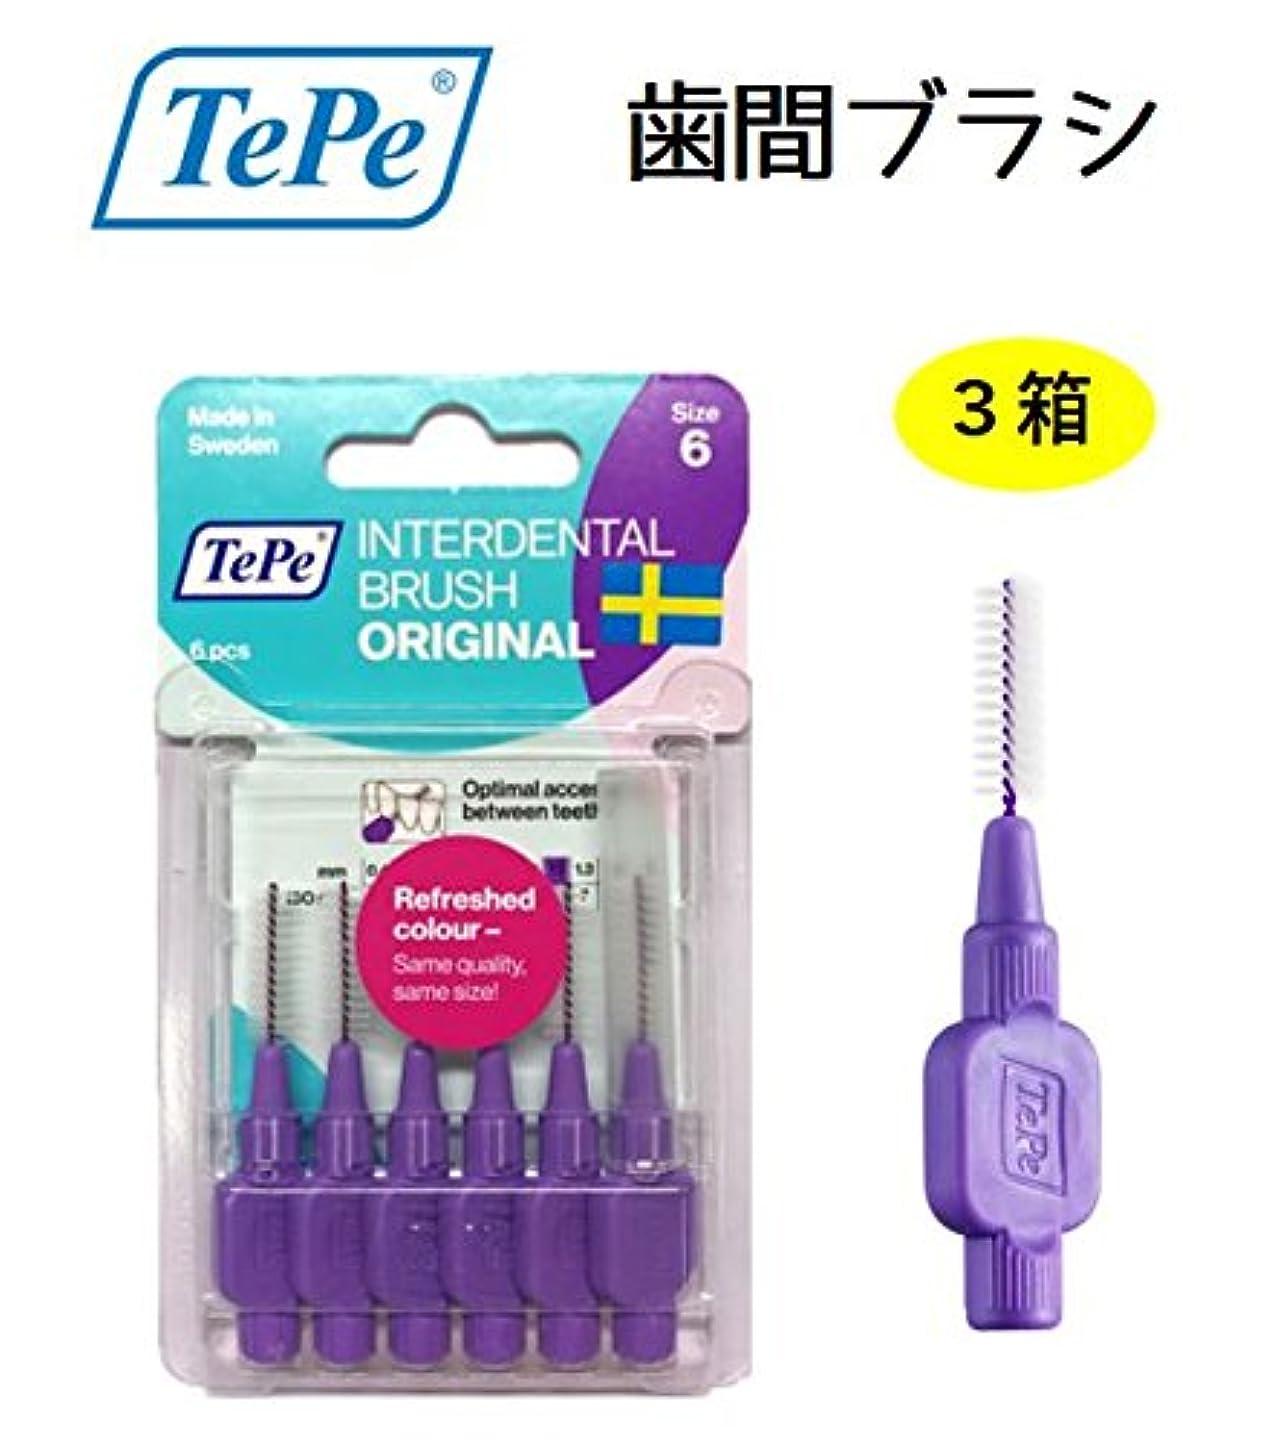 匹敵します取り除く微生物テペ 歯間プラシ 1.1mm ブリスターパック 3パック TePe IDブラシ